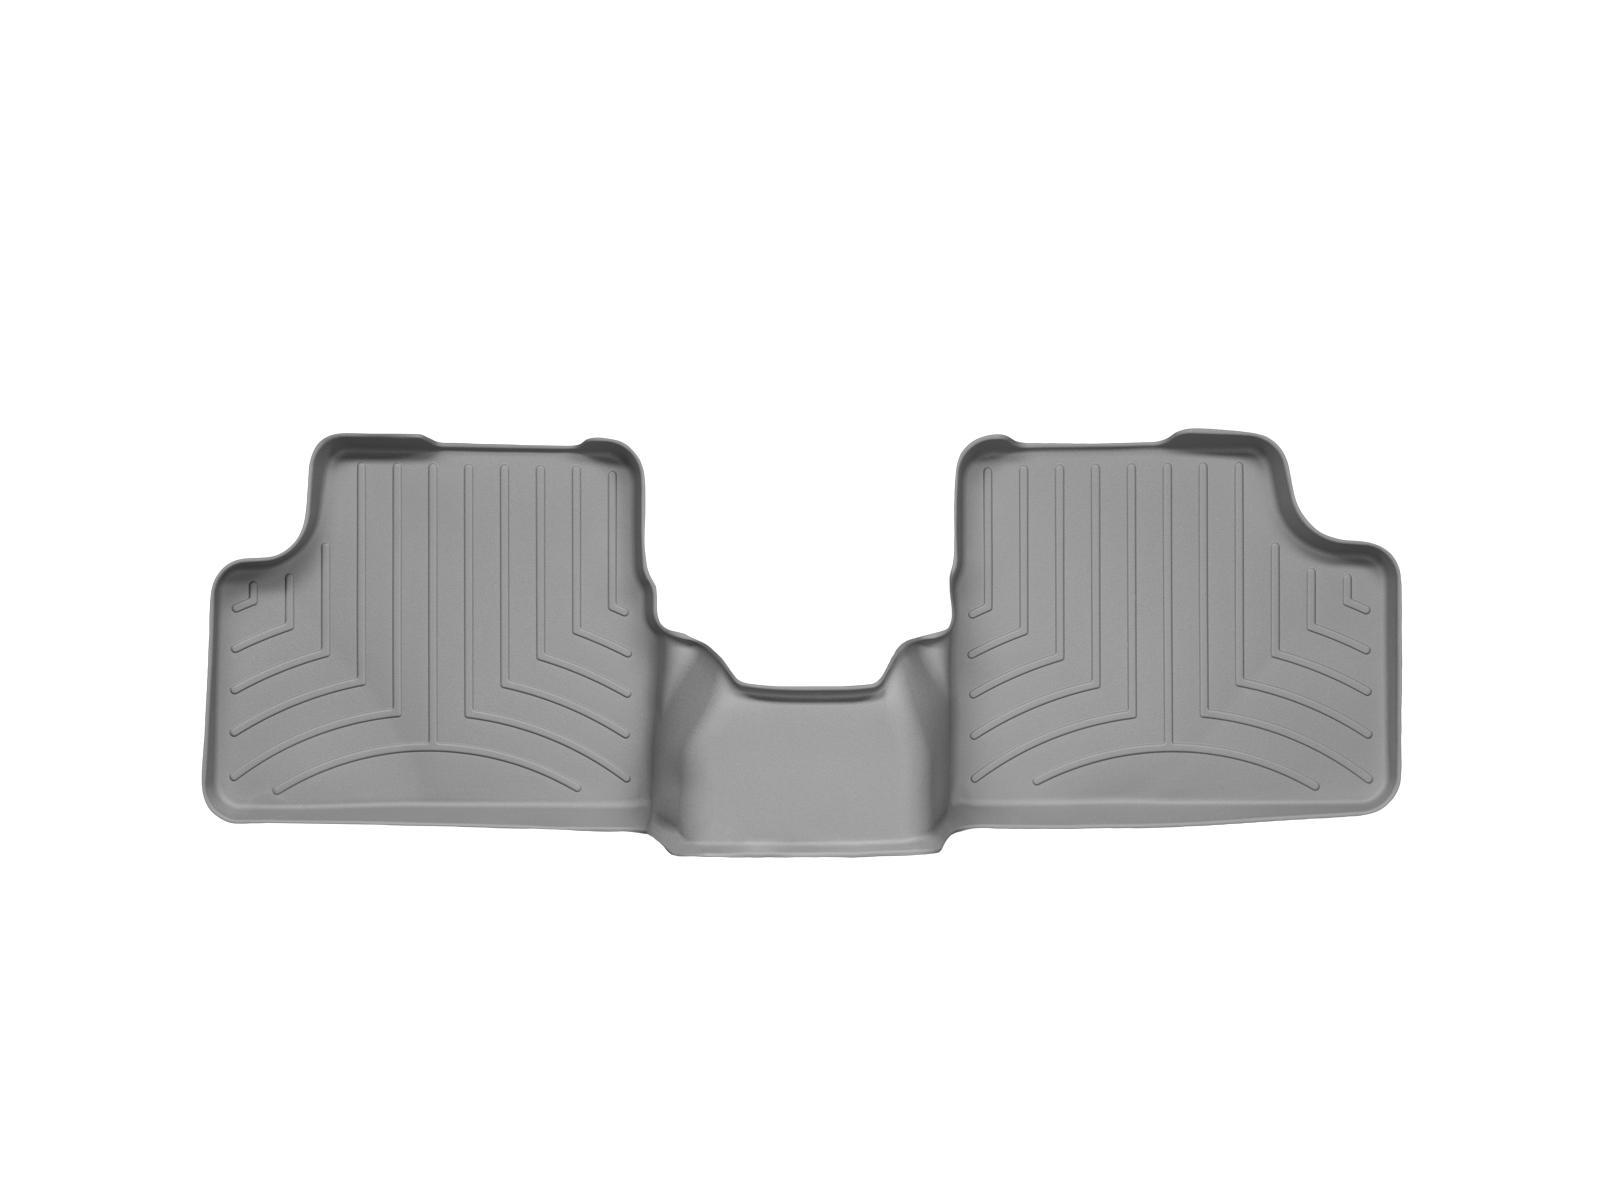 Tappeti gomma su misura bordo alto Opel Astra 04>08 Grigio A2953